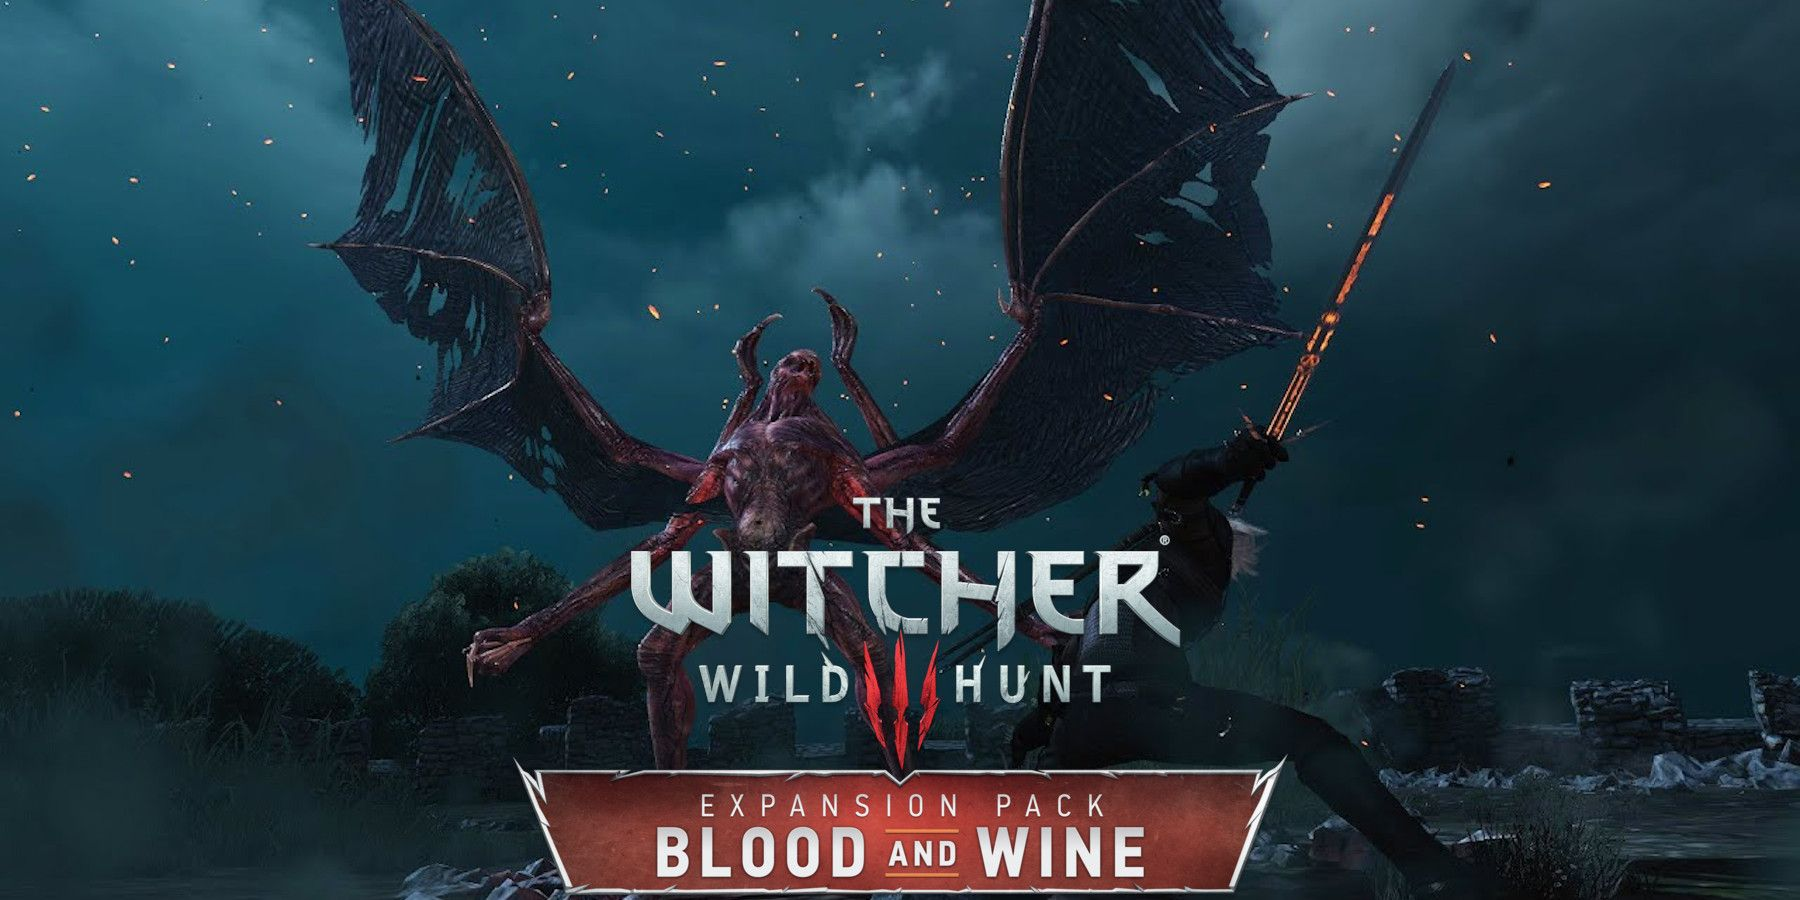 Witcher 3 succubus decoction worth it